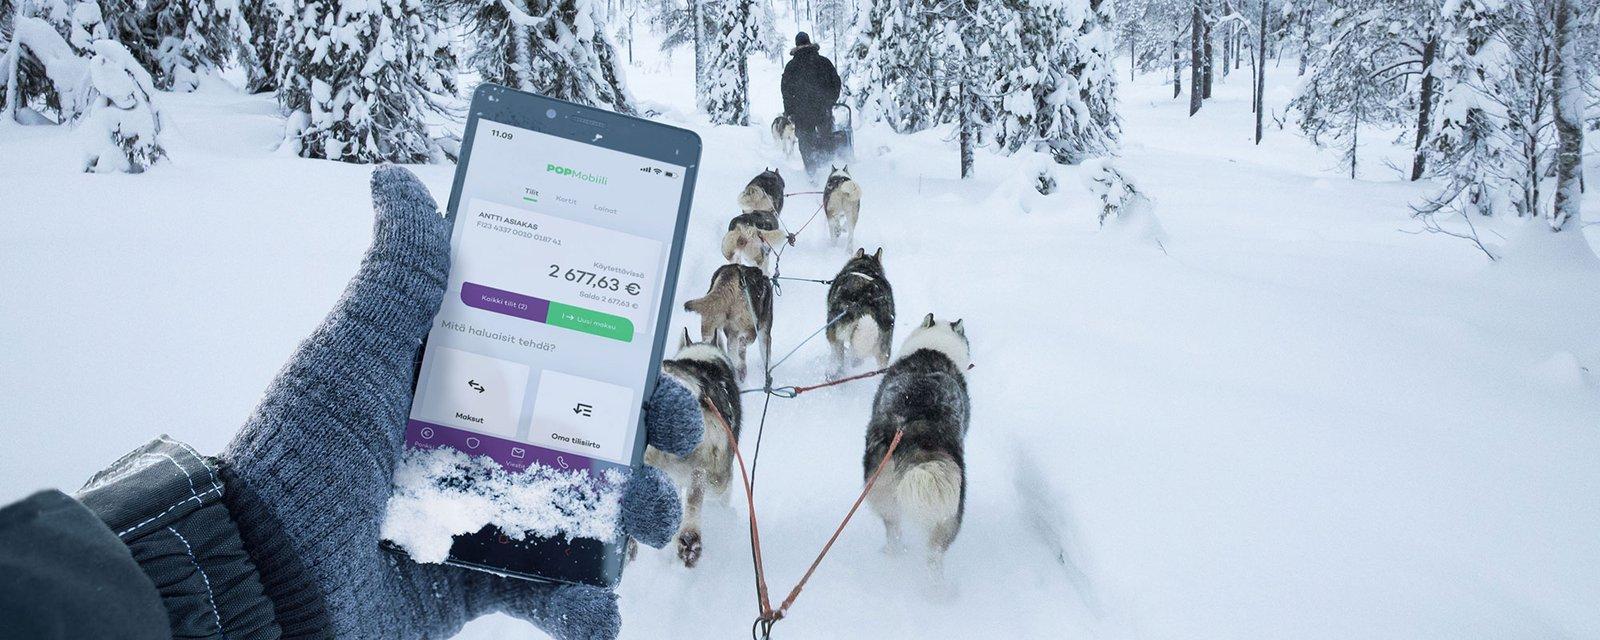 POP Mobiili ja koiravaljakko, kuvituskuva.